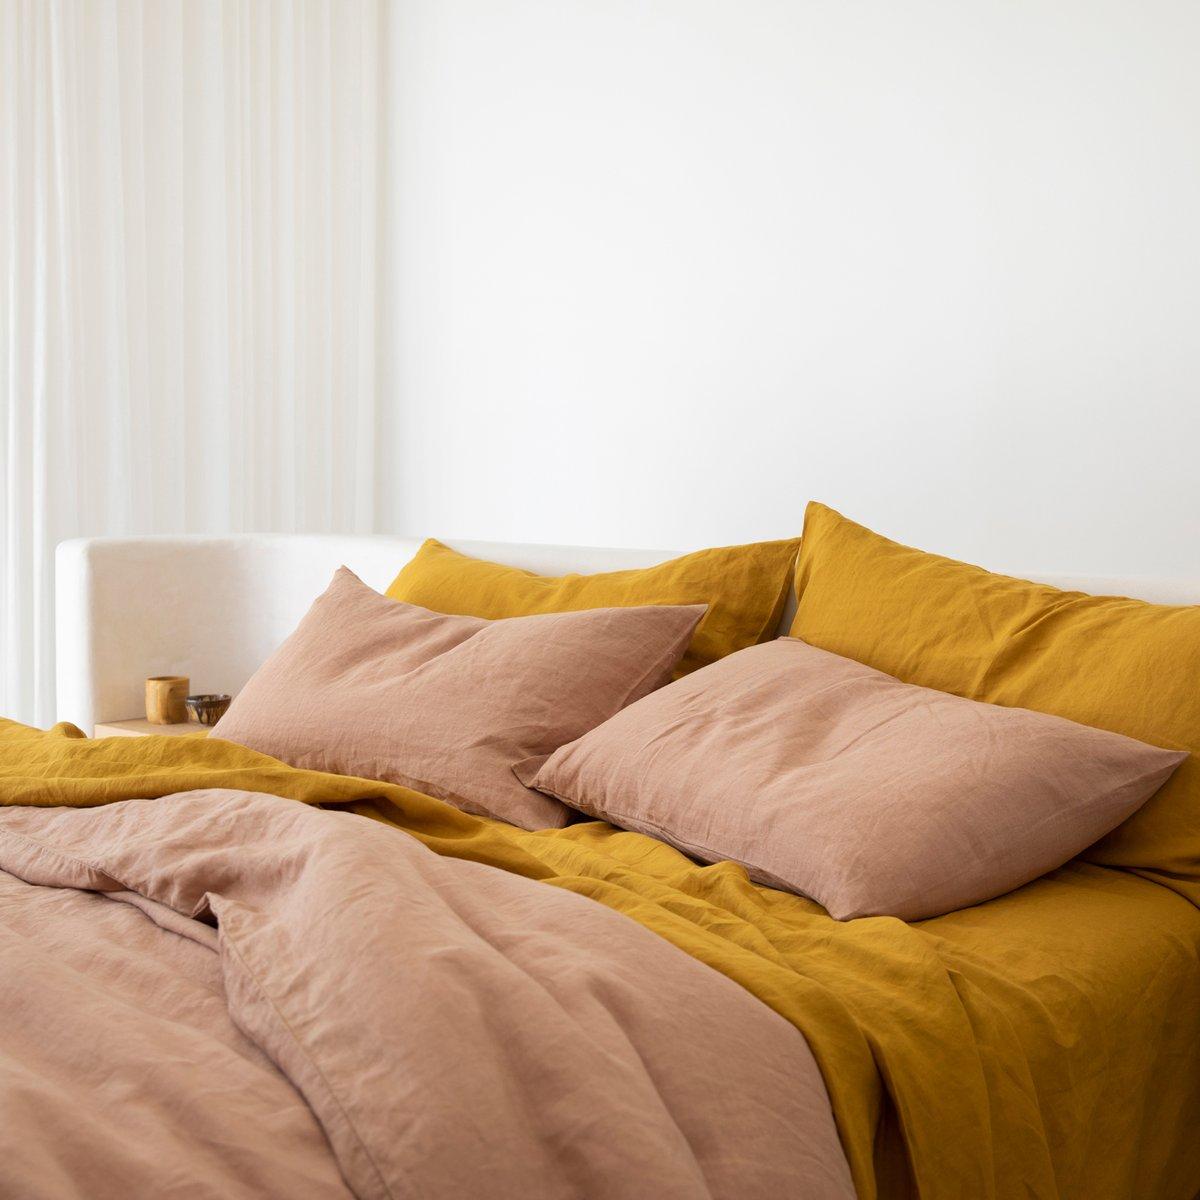 bedding decor bedroom bed linen duvet sleep